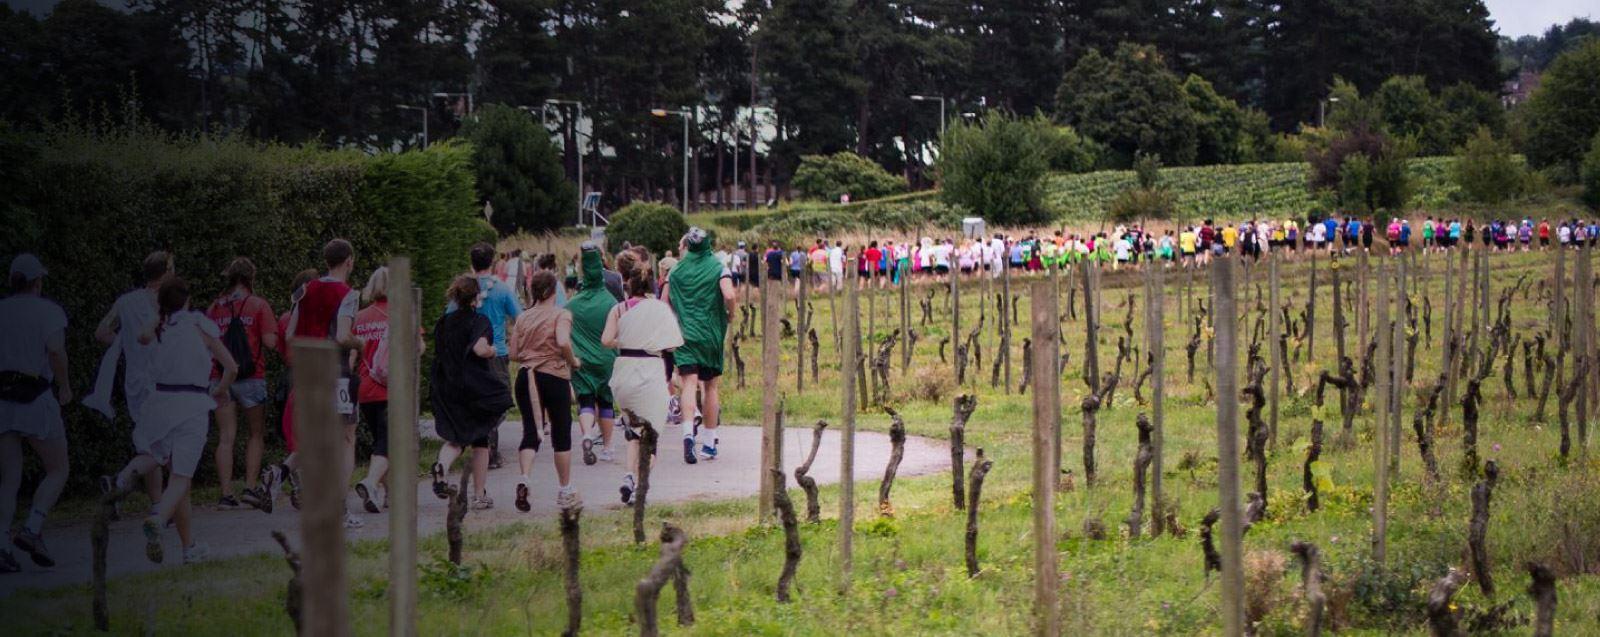 bacchus marathon